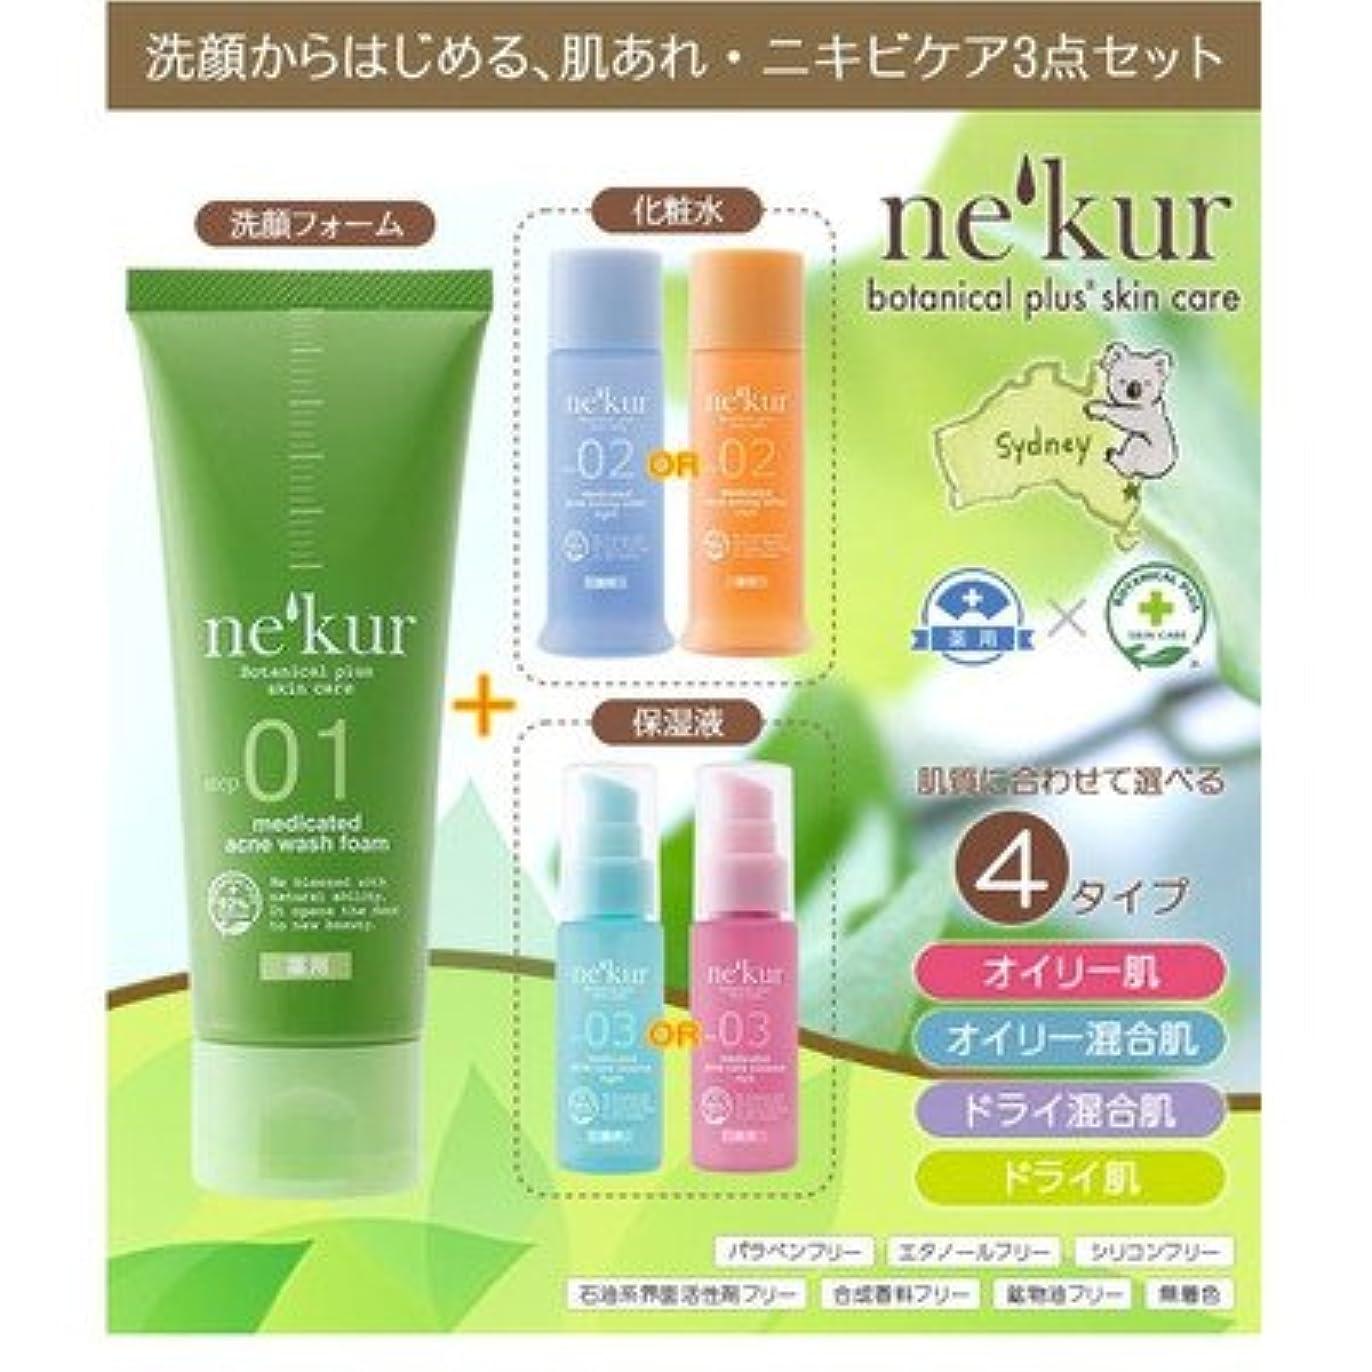 効率的にキリマンジャロ許されるネクア(nekur) ボタニカルプラススキンケア 薬用アクネ洗顔3点セット オイリー混合肌セット( 画像はイメージ画像です お届けの商品はオイリー混合肌セットのみとなります)